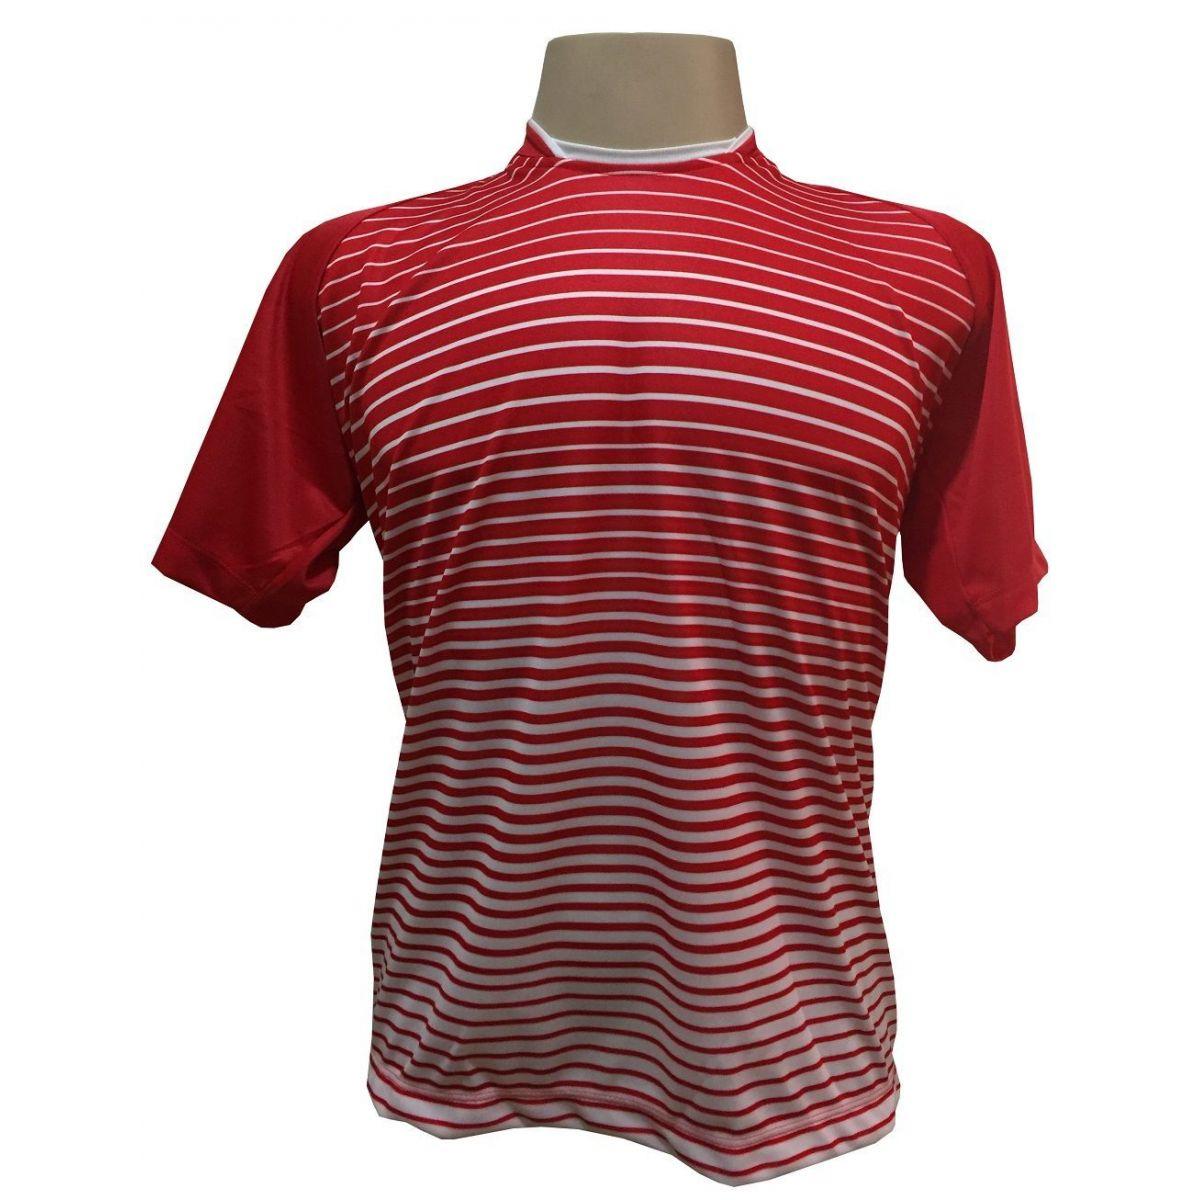 Uniforme Esportivo com 18 camisas modelo City Vermelho/Branco + 18 calções modelo Madrid Vermelho + 18 pares de meiões Branco